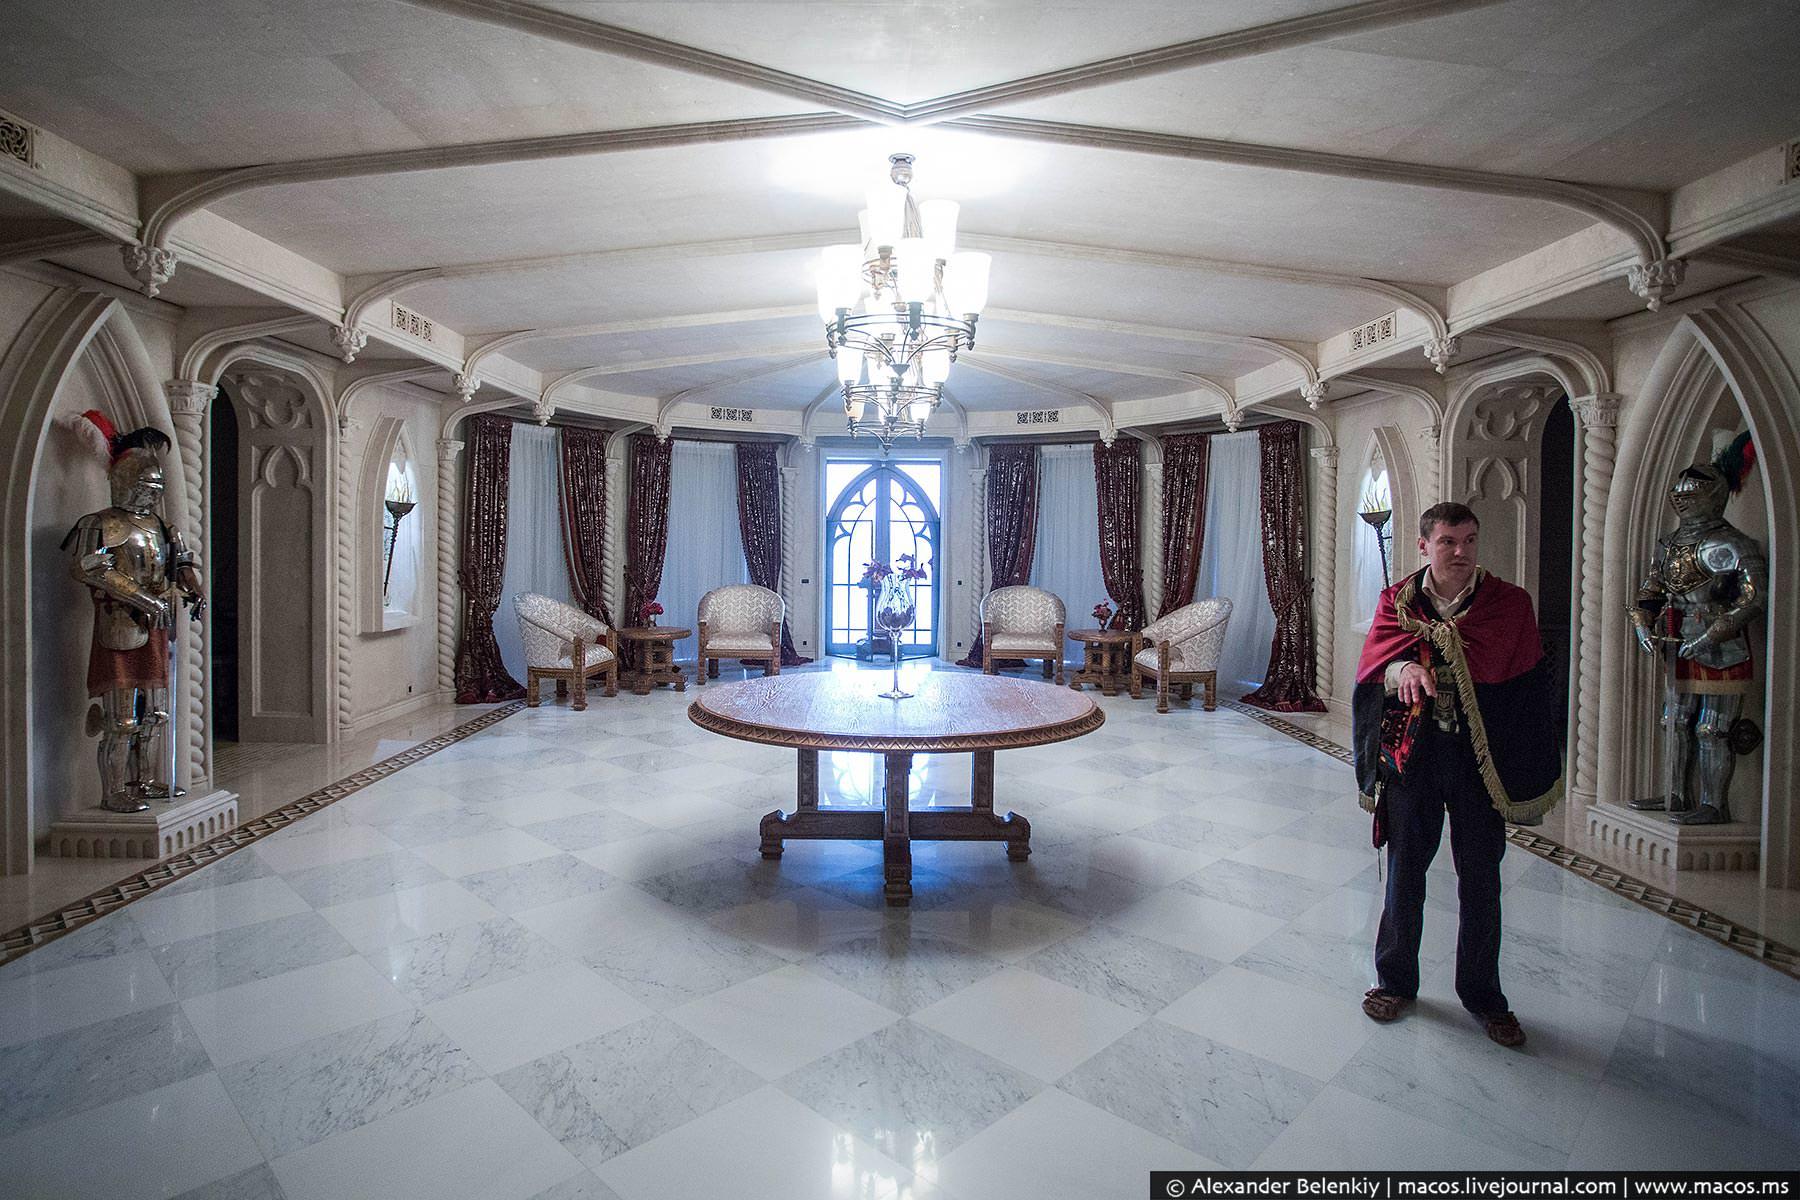 http://www.pravda-tv.ru/wp-content/uploads/2014/11/LR2014.10-UA-Residence-29.jpg